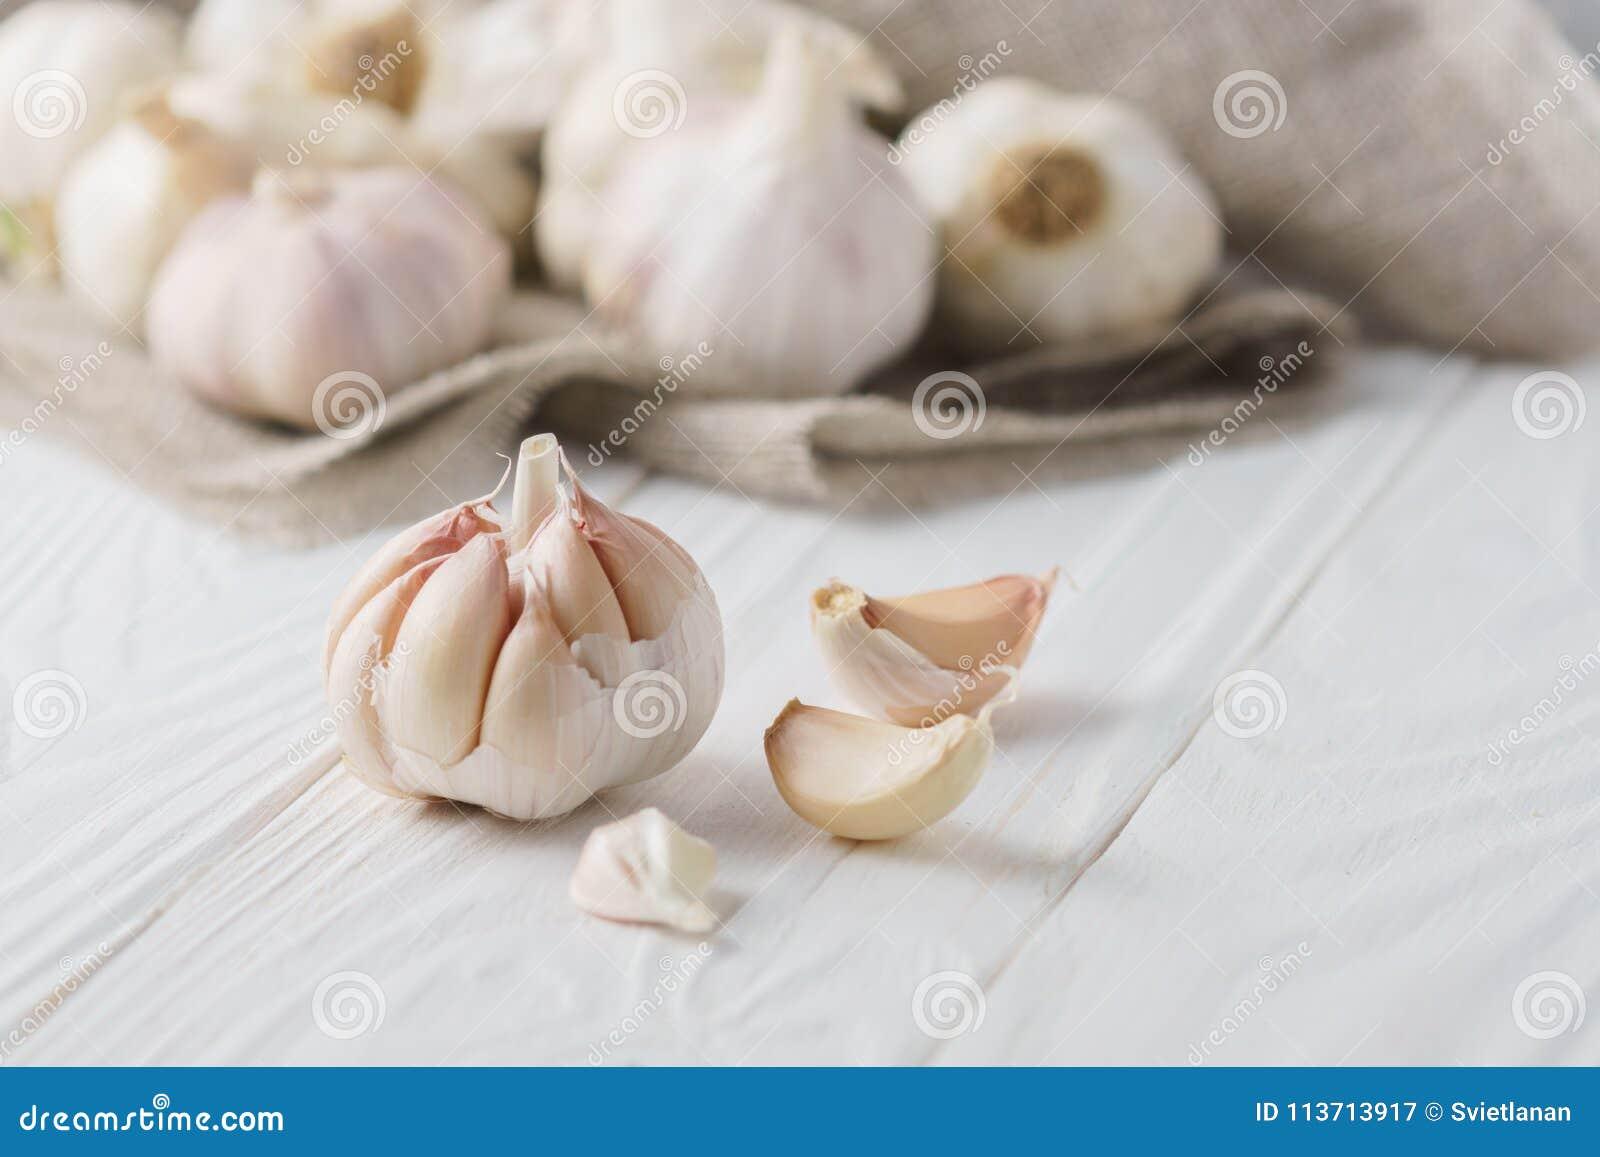 Knoflookbollen met knoflookkruidnagels met canvas op wit hout